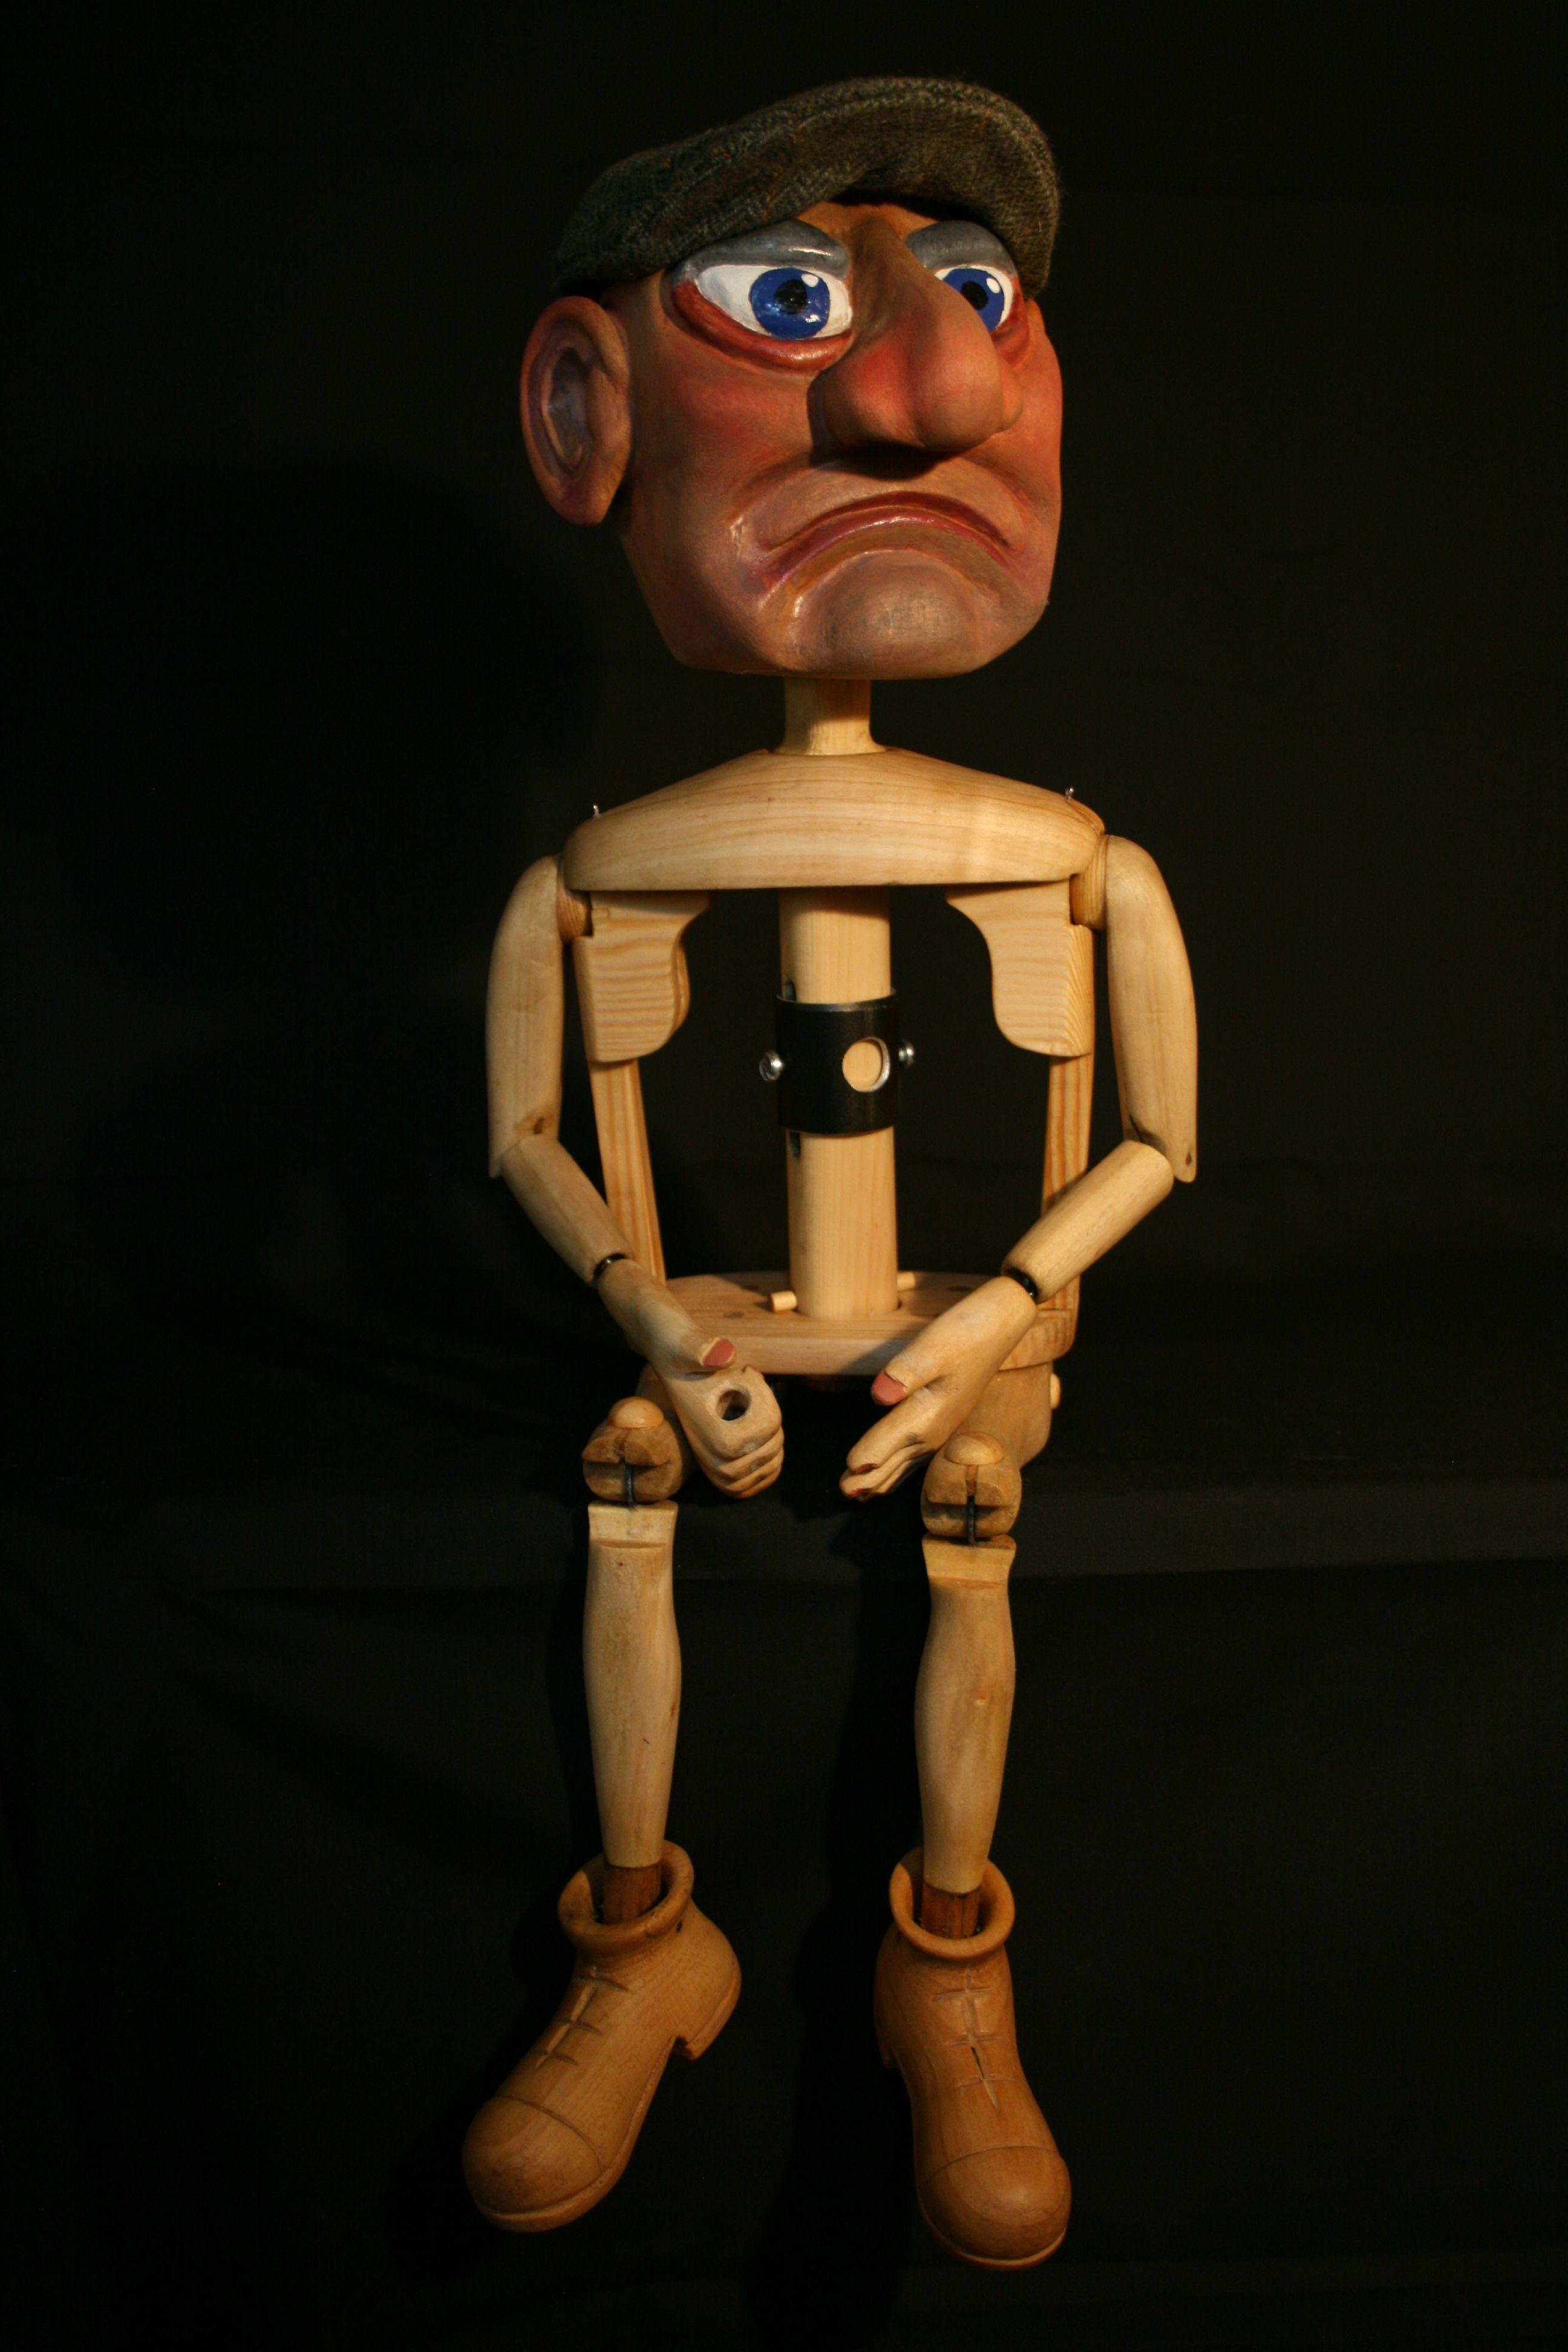 Burattino di legno della marionetta circa 19 pollici di testa alta e-2535